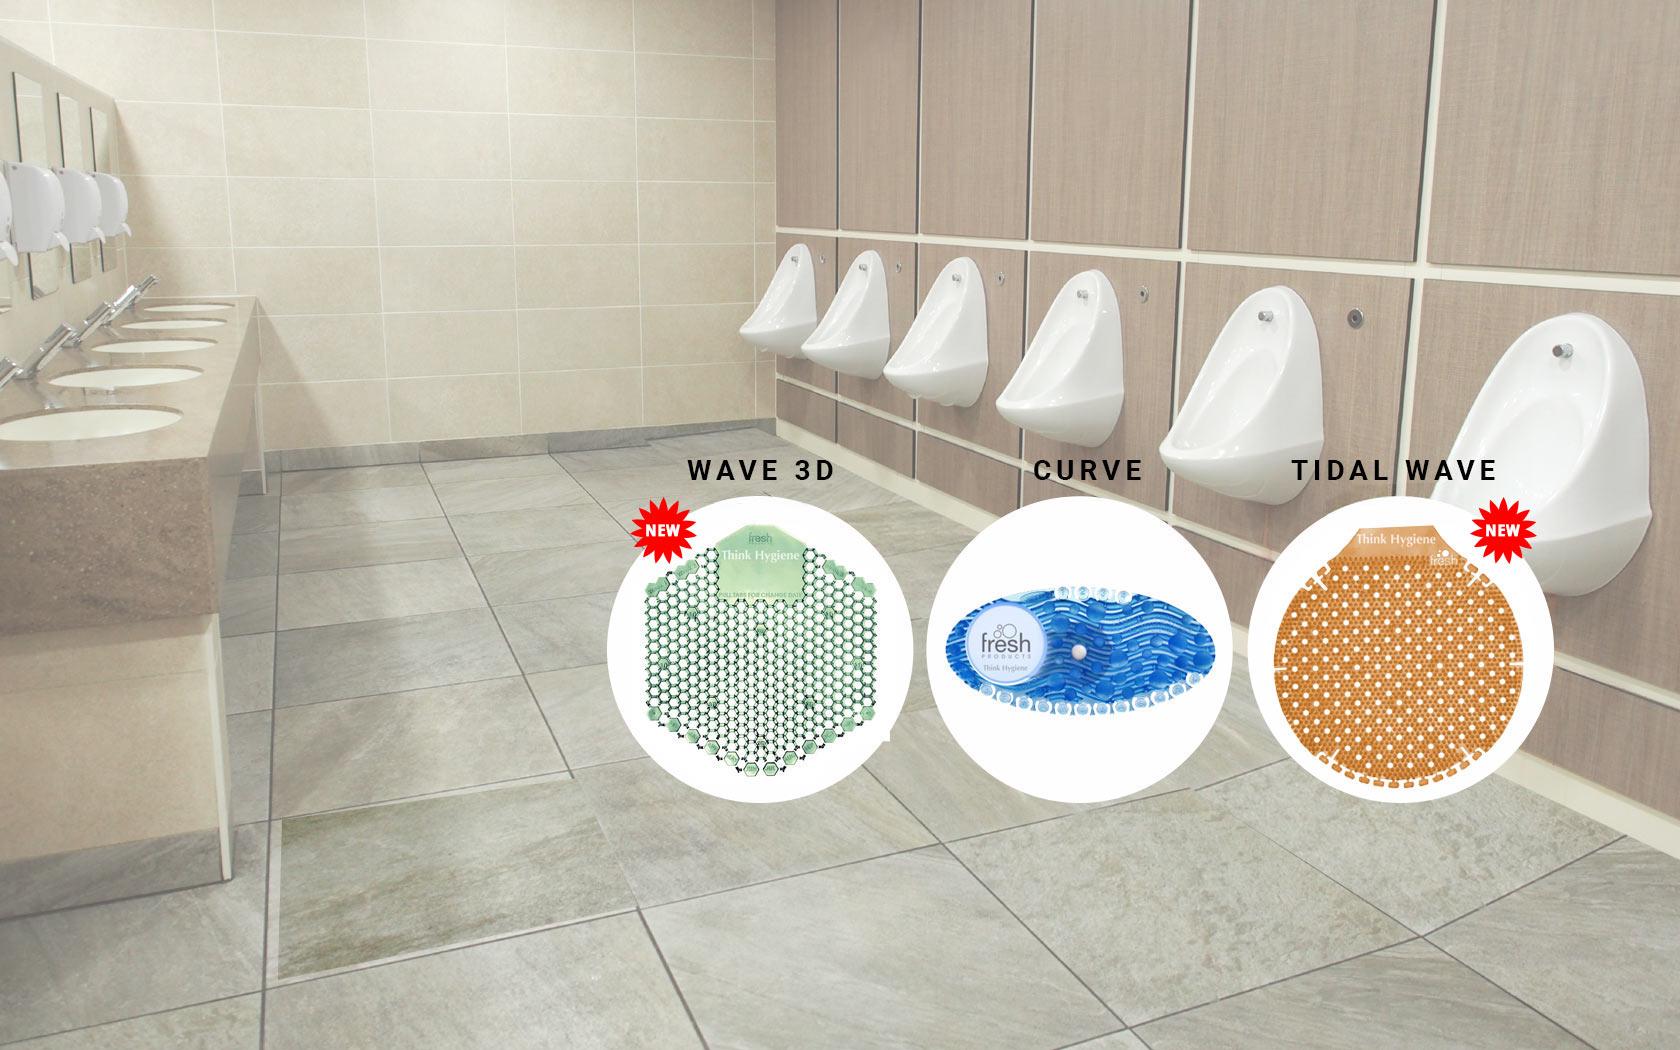 Washroom air freshener | Wave urinal screen | Urinal Screen